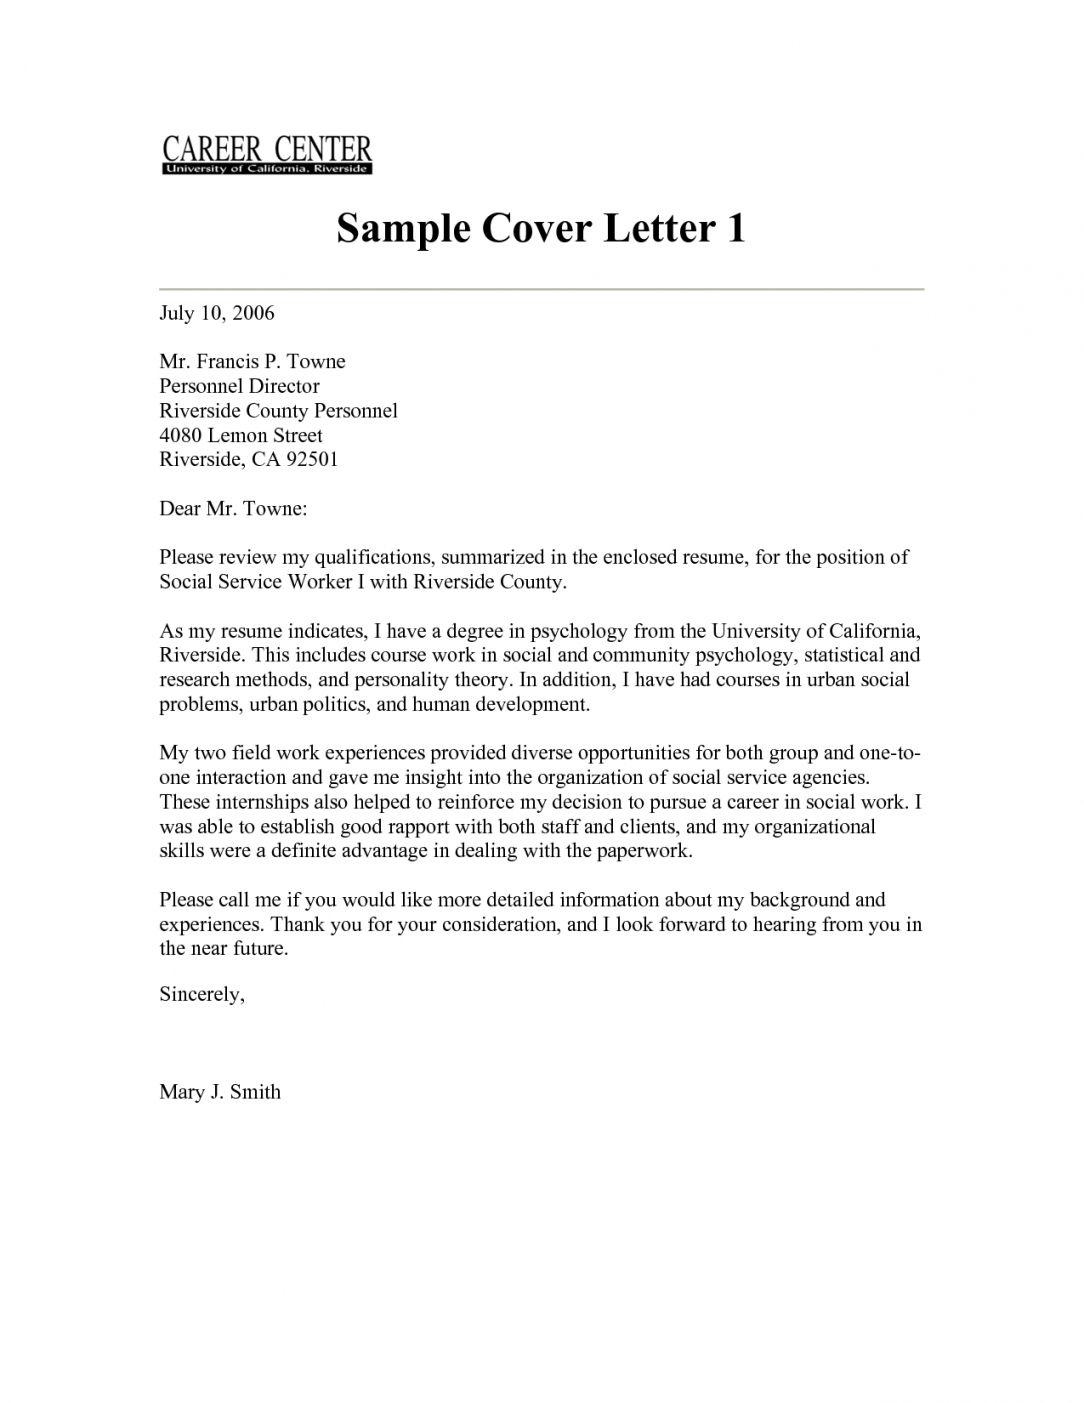 23 Social Work Cover Letter Job Cover Letter Cover Letter For Resume Lettering